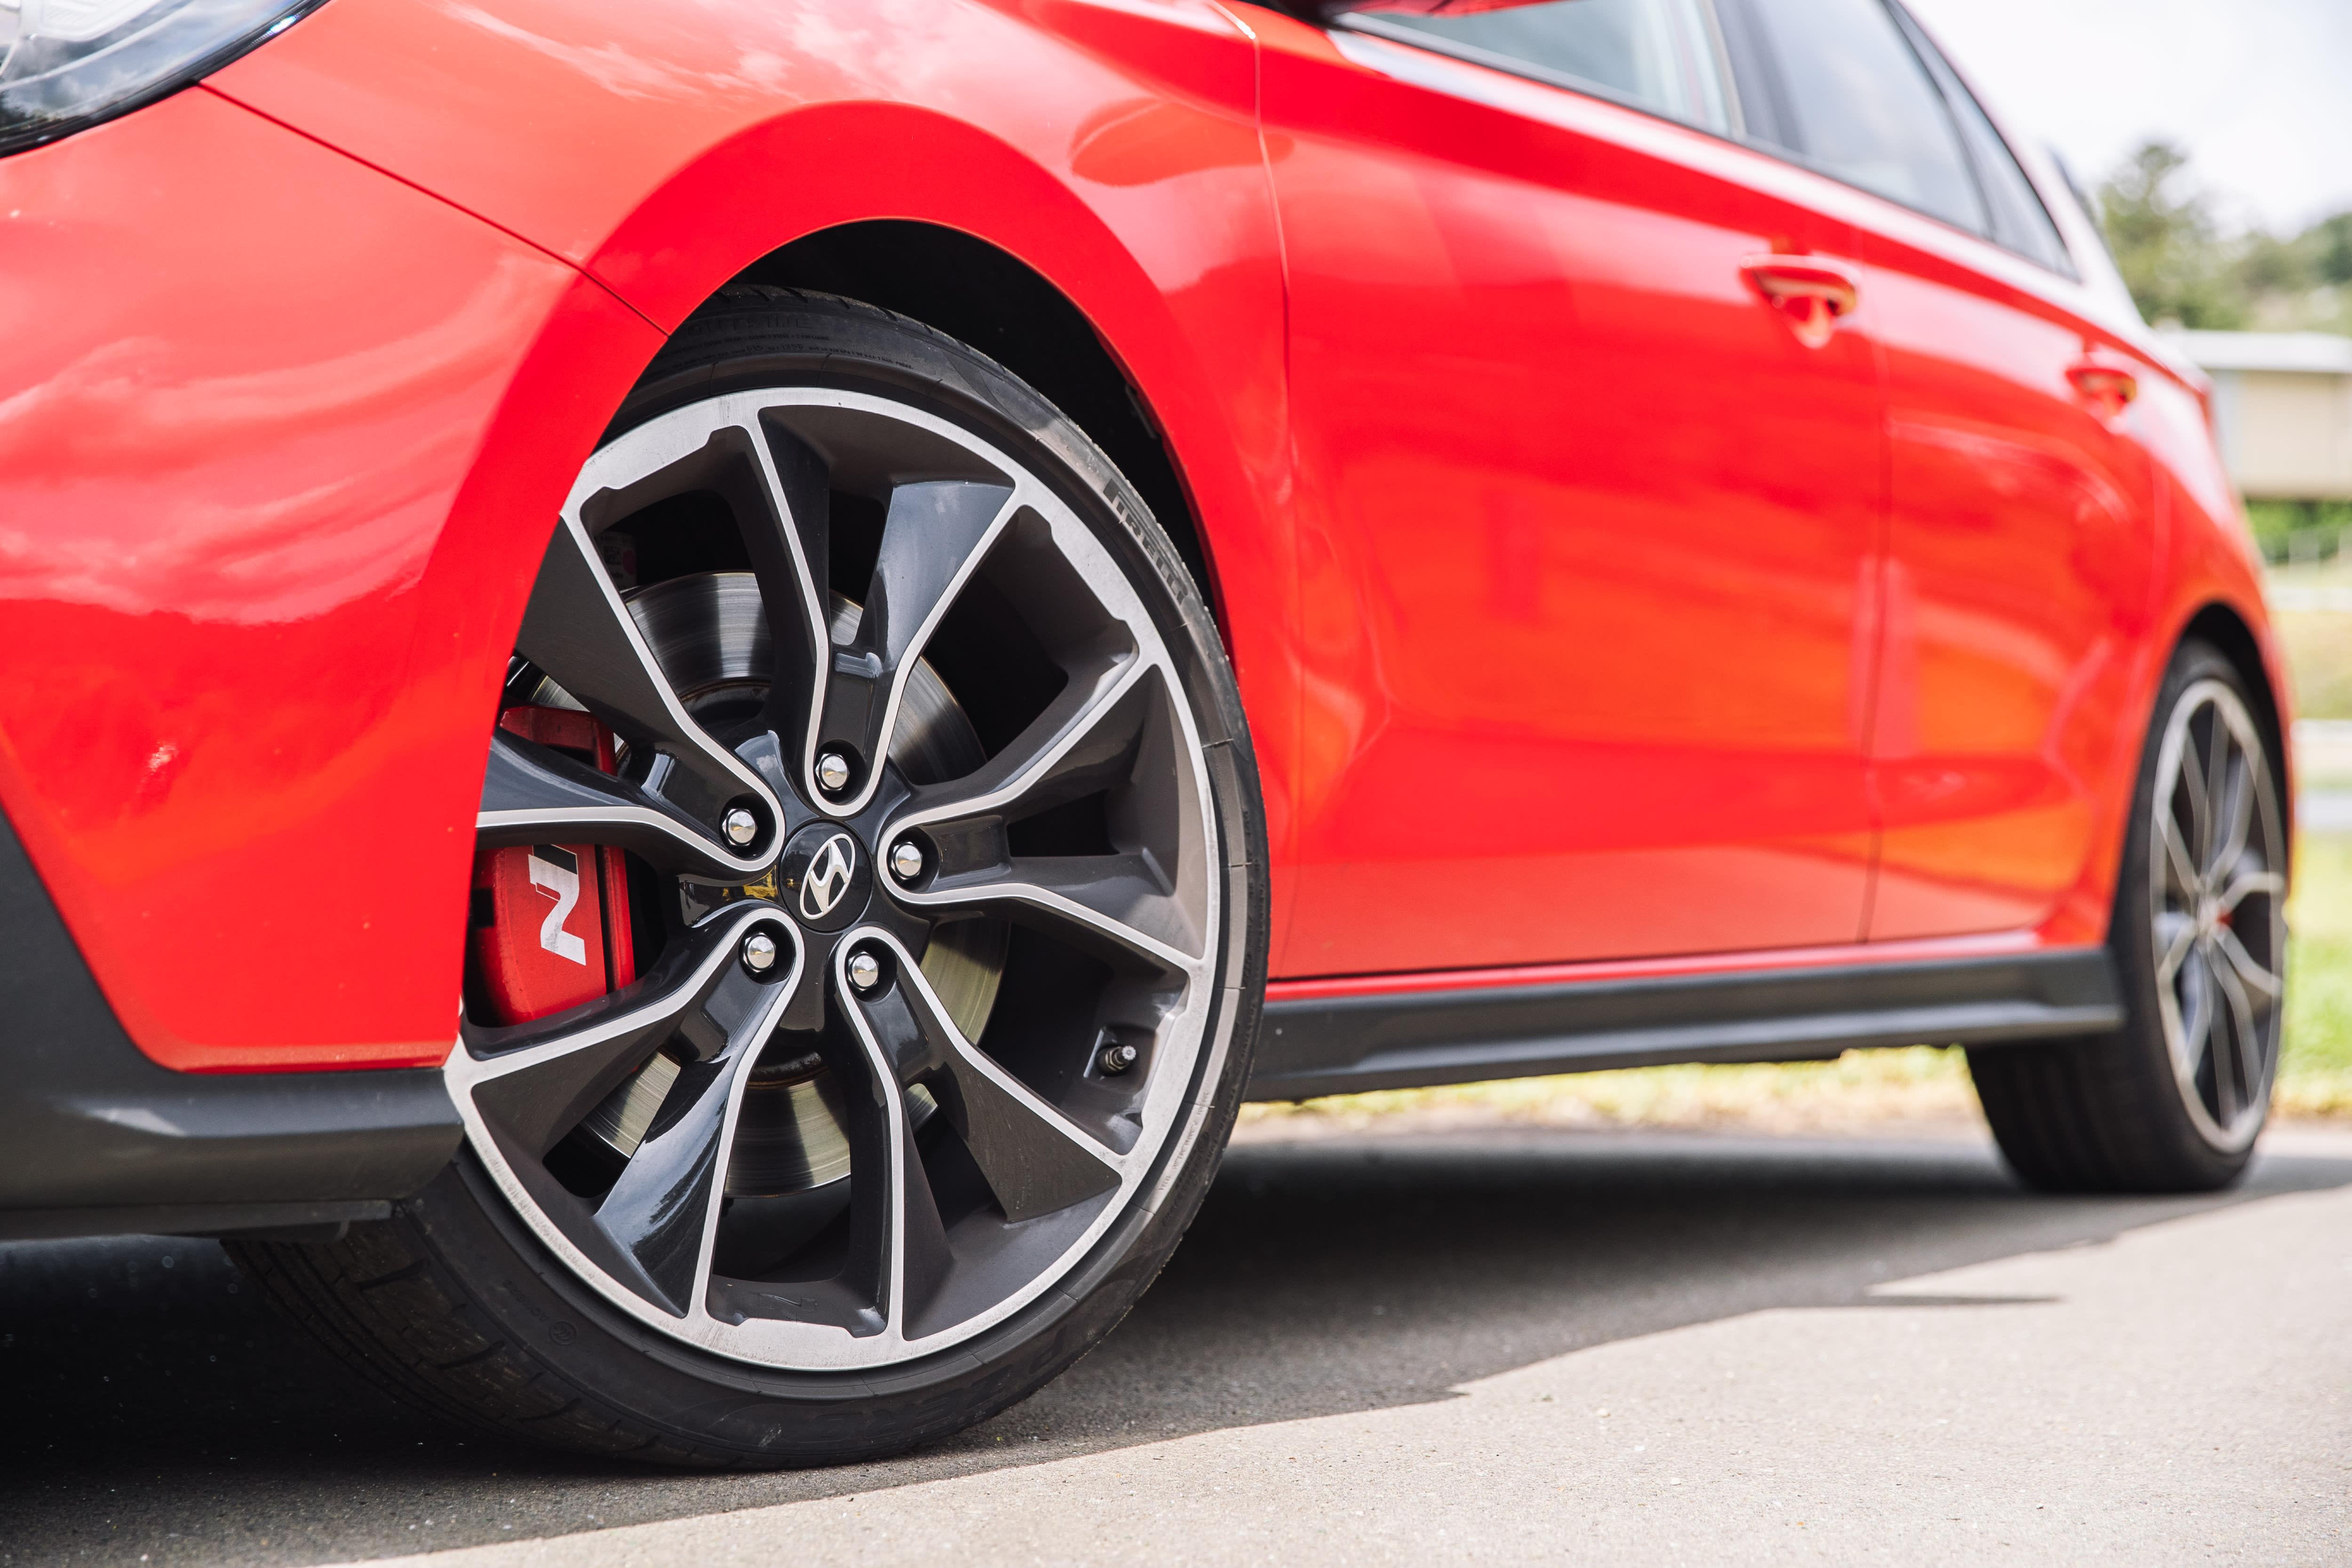 2019 Hot Hatch 3 way Hyundai i30 N Luxury pack v Renault Megane RS Sport EDC v Volkswagen Golf GTI MY19 180kW IMG SamVenn 87